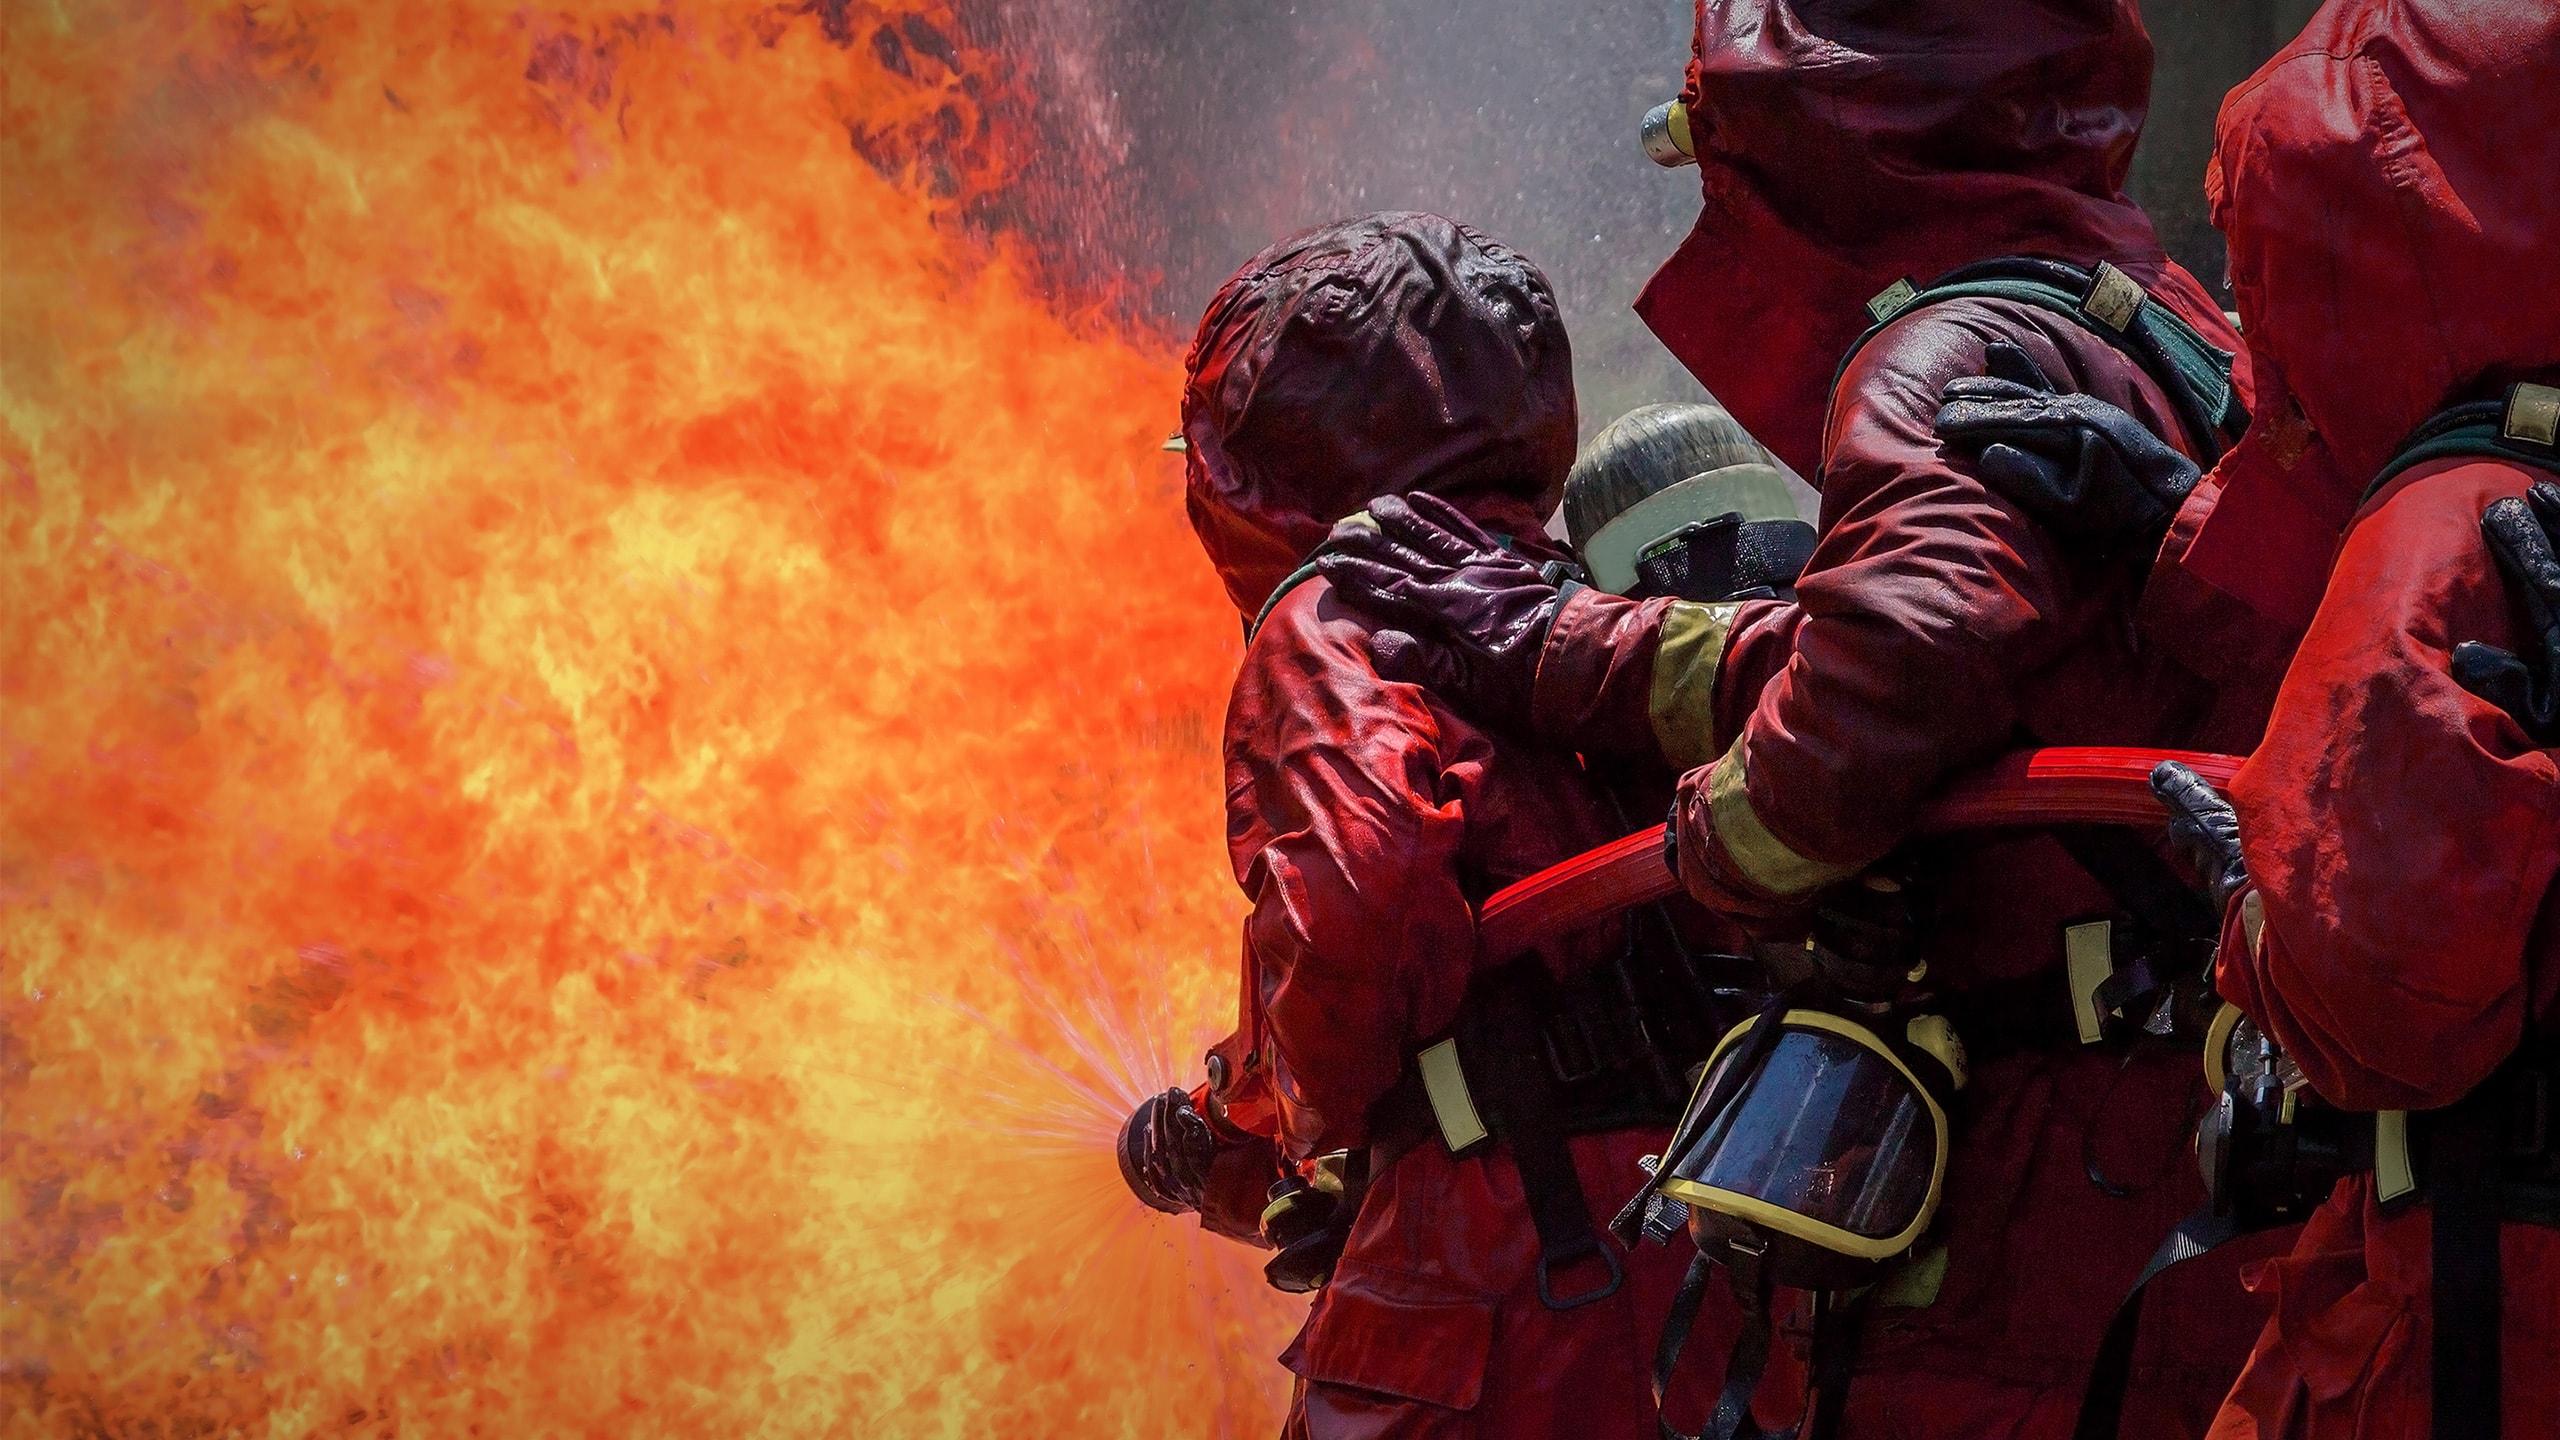 Oplossing voor brandbestrijding, brandbeveiliging binnen / buiten, UL FM goedgekeurde brandkranen hydranten straatpotten